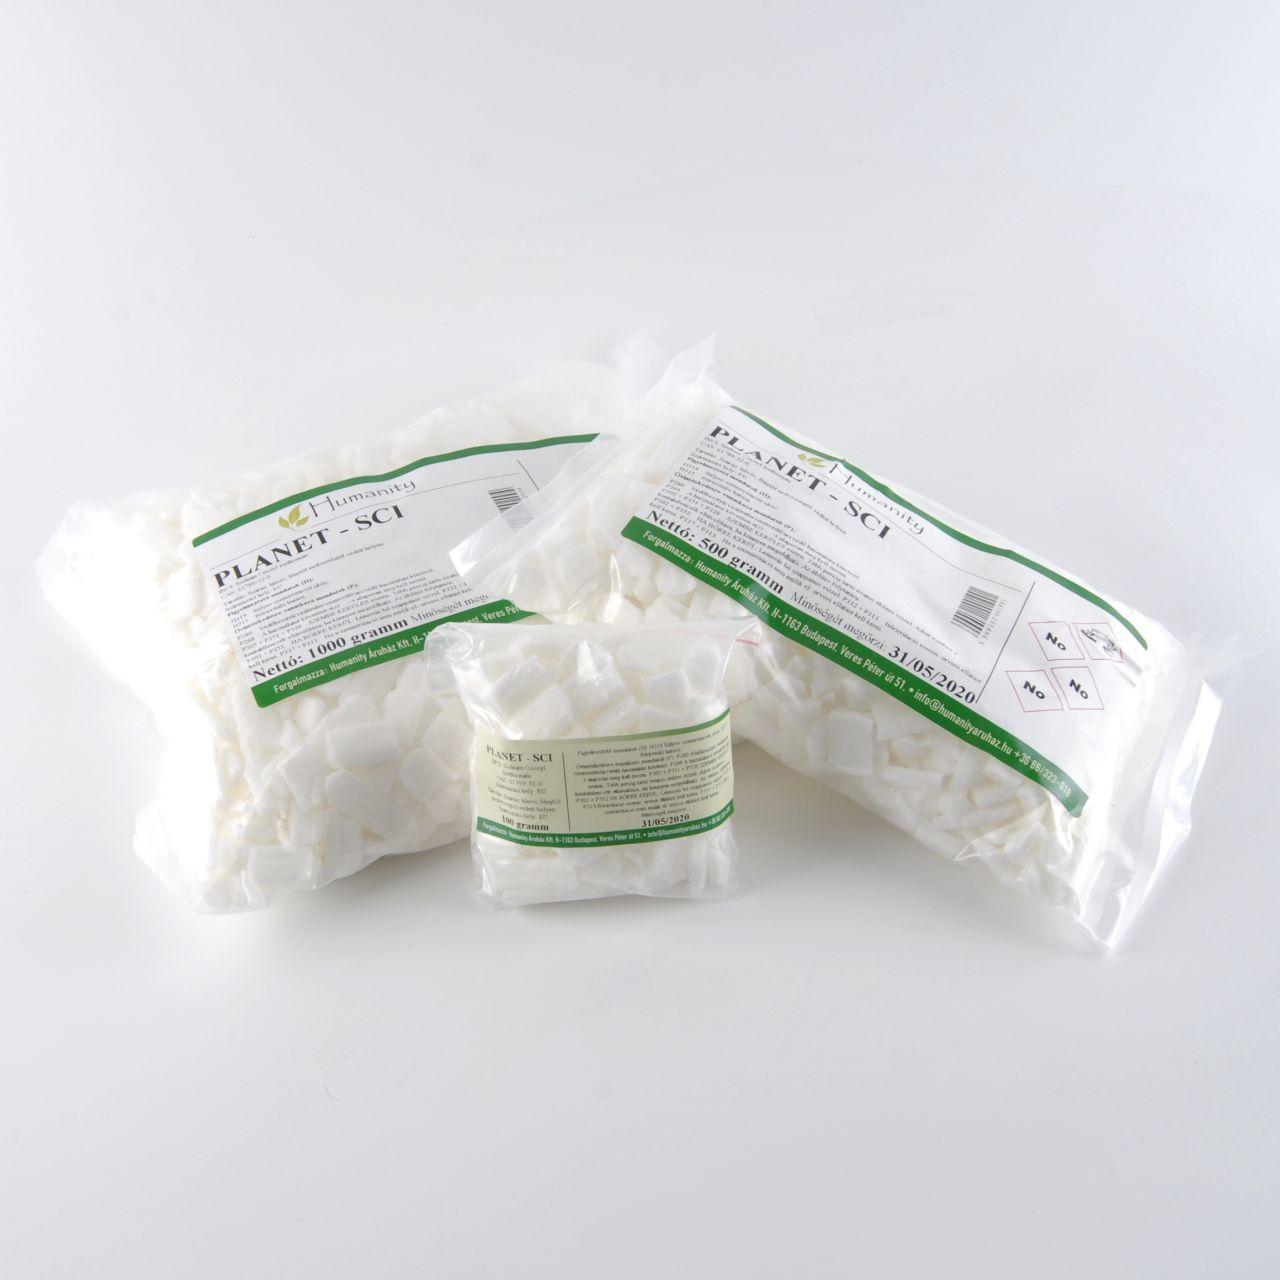 Planet-SCI (Sodium Cocoyl Isethionate) 5 kg